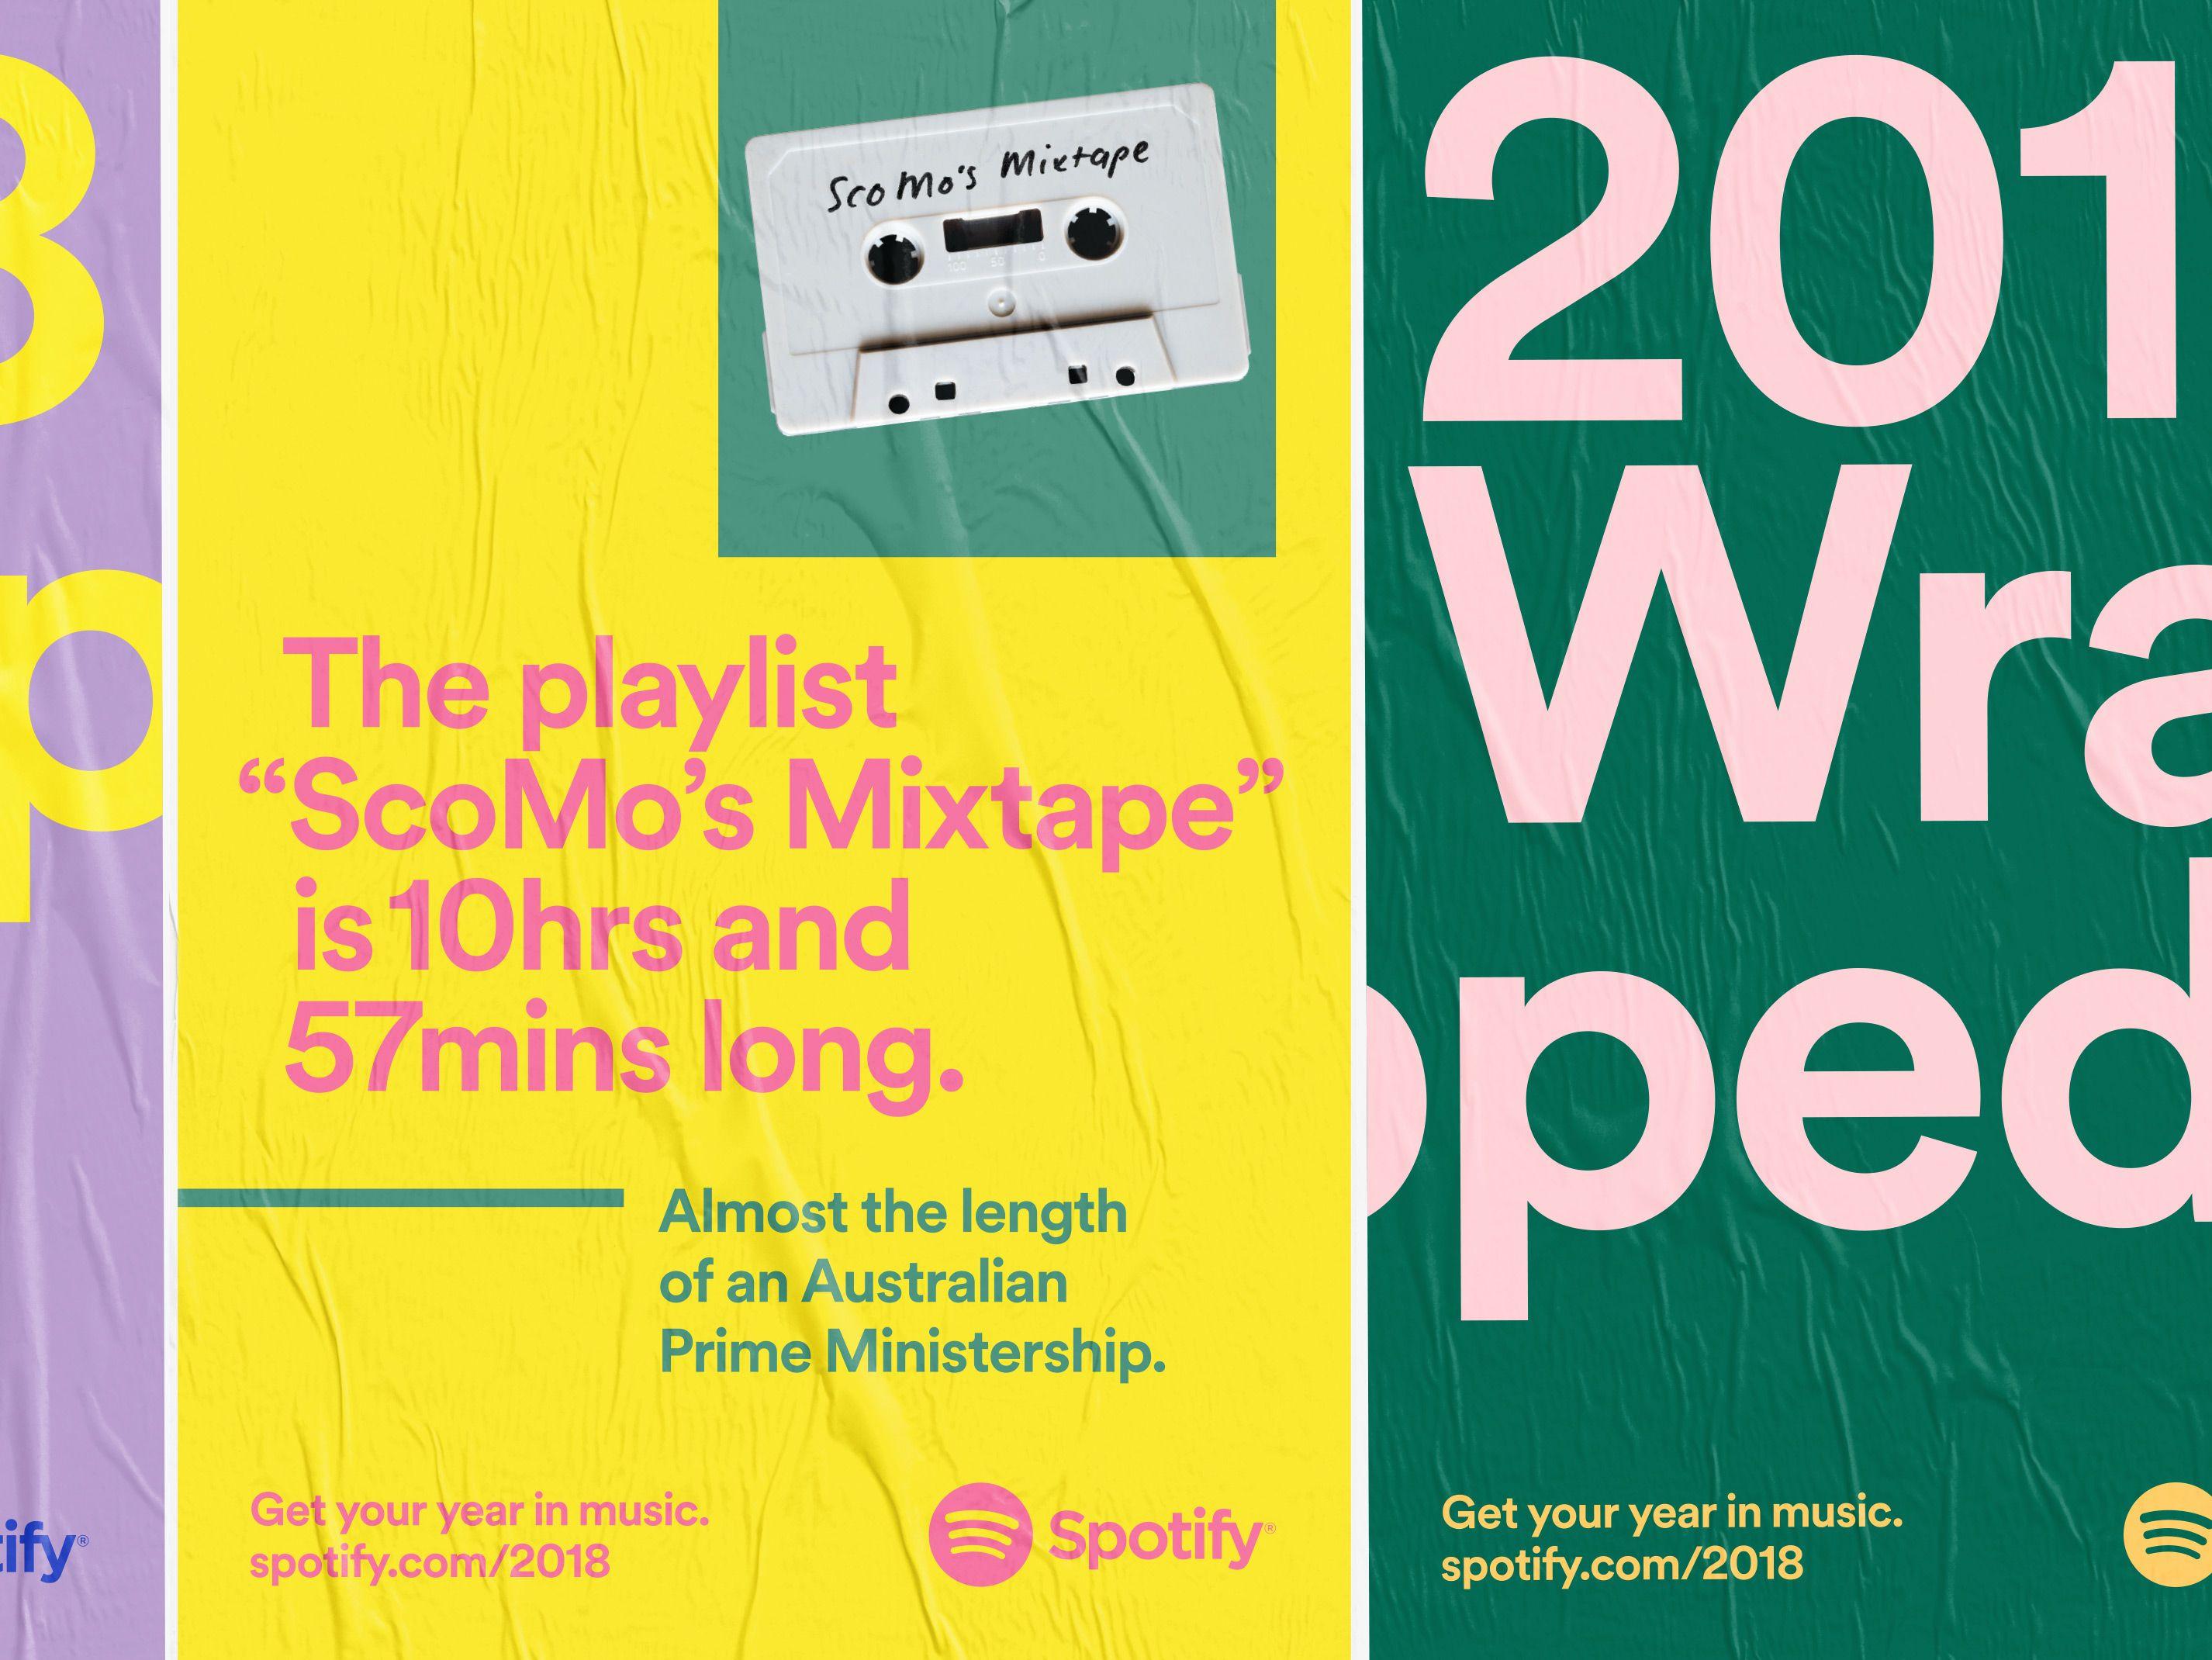 Spotify 2018 Wrapped — Christopher Doyle & Co. Spotify